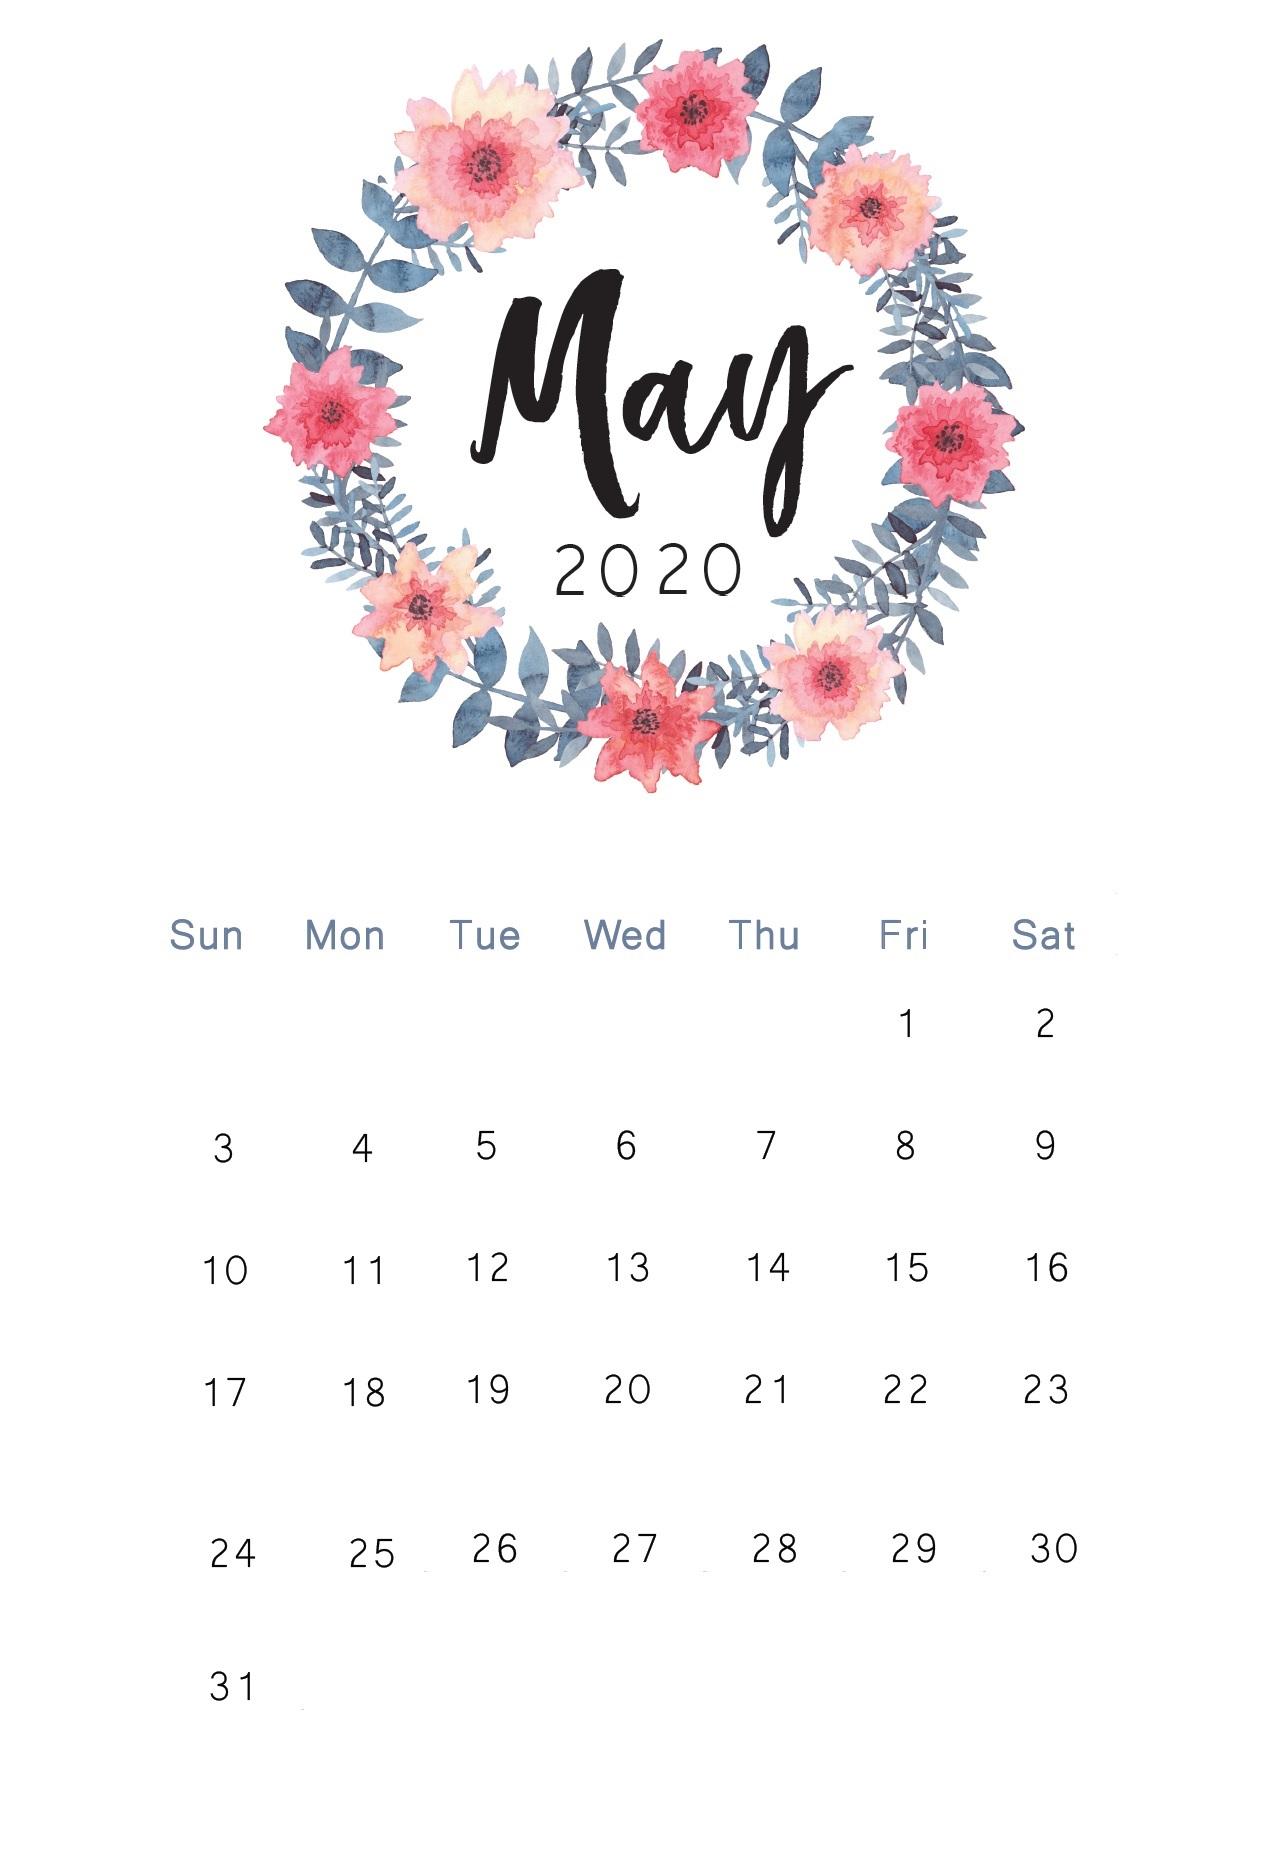 Floral May 2020 Desk Calendar